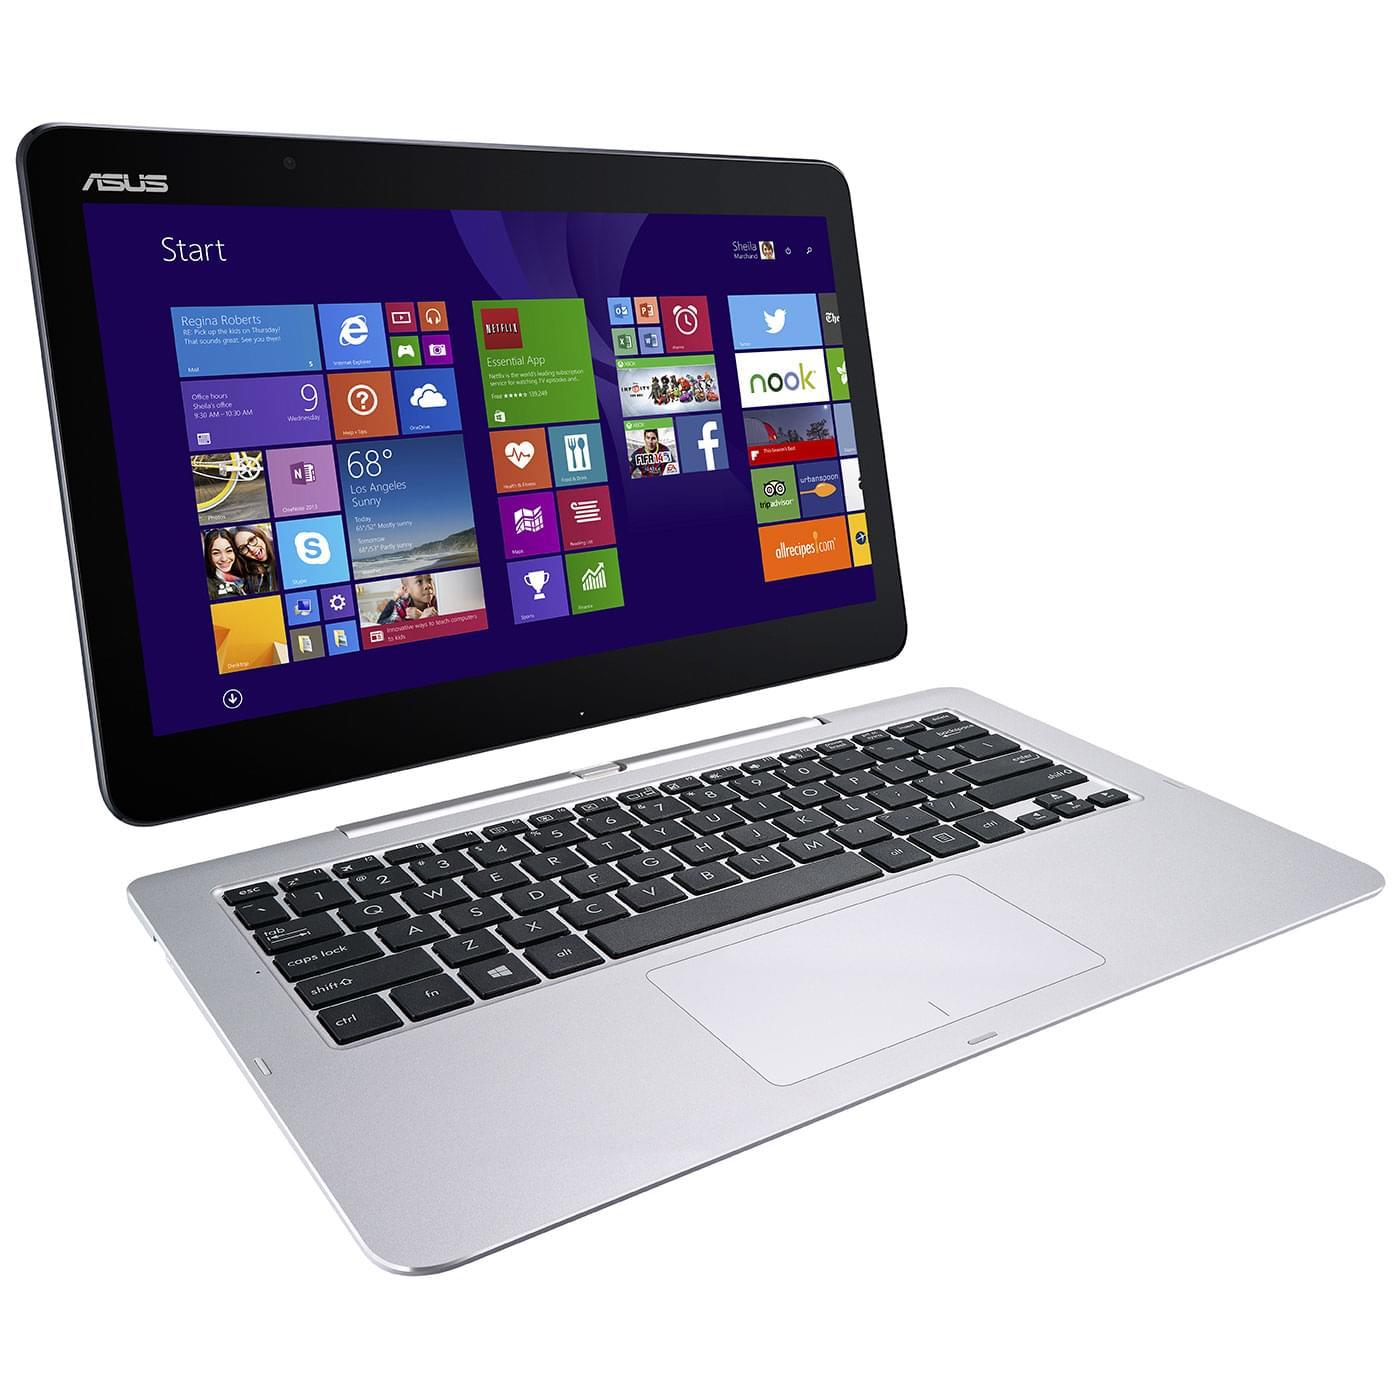 Asus T300FA-FE006P (T300FA-FE006P) - Achat / Vente PC Portable sur Cybertek.fr - 0